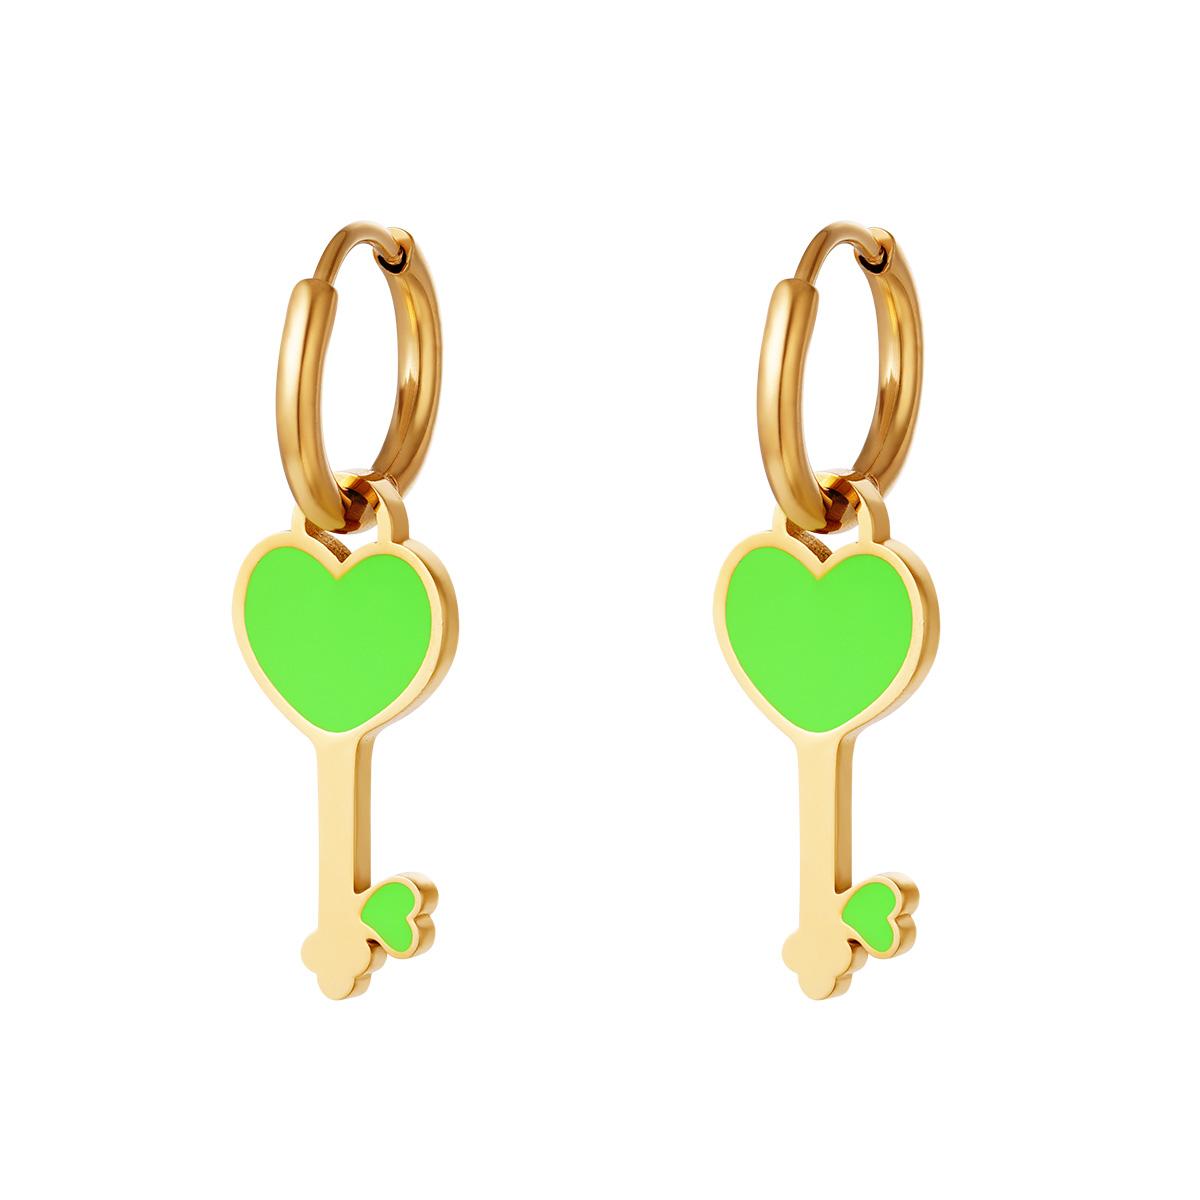 RVS Oorbel Colorful Heartkey gouden oorbellen met groen hartje fashion sieraden kopen bestellen